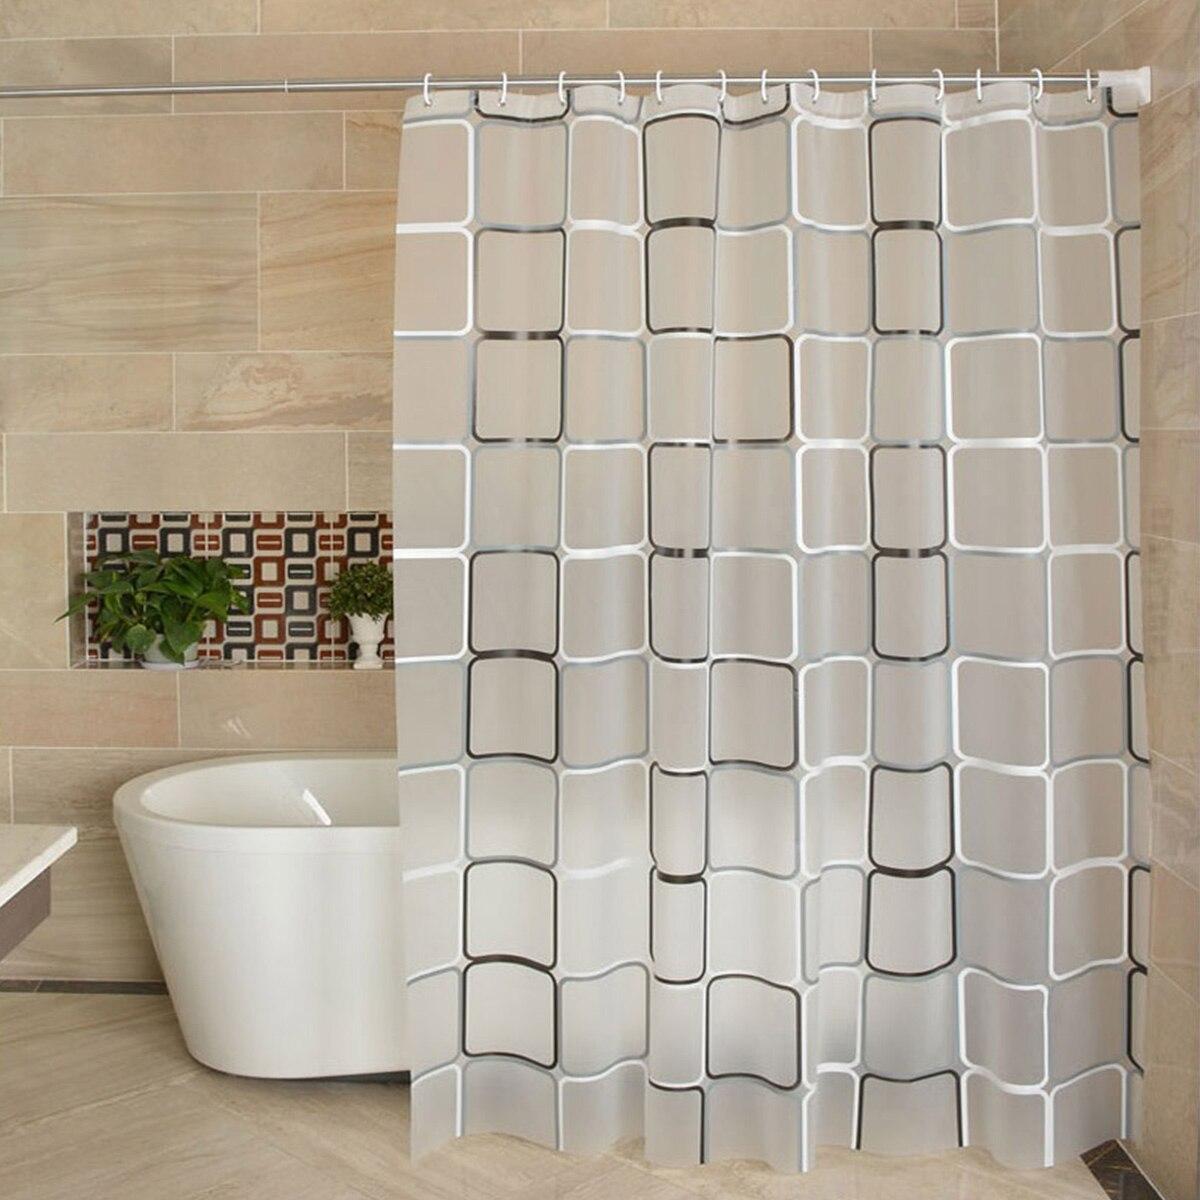 Wasserdicht PEVA Dusche Vorhang Liner Transparent Mehltau Vorhang Bad Für Badezimmer Dusche Vorhang Mit 12 Hohe Qualität Haken